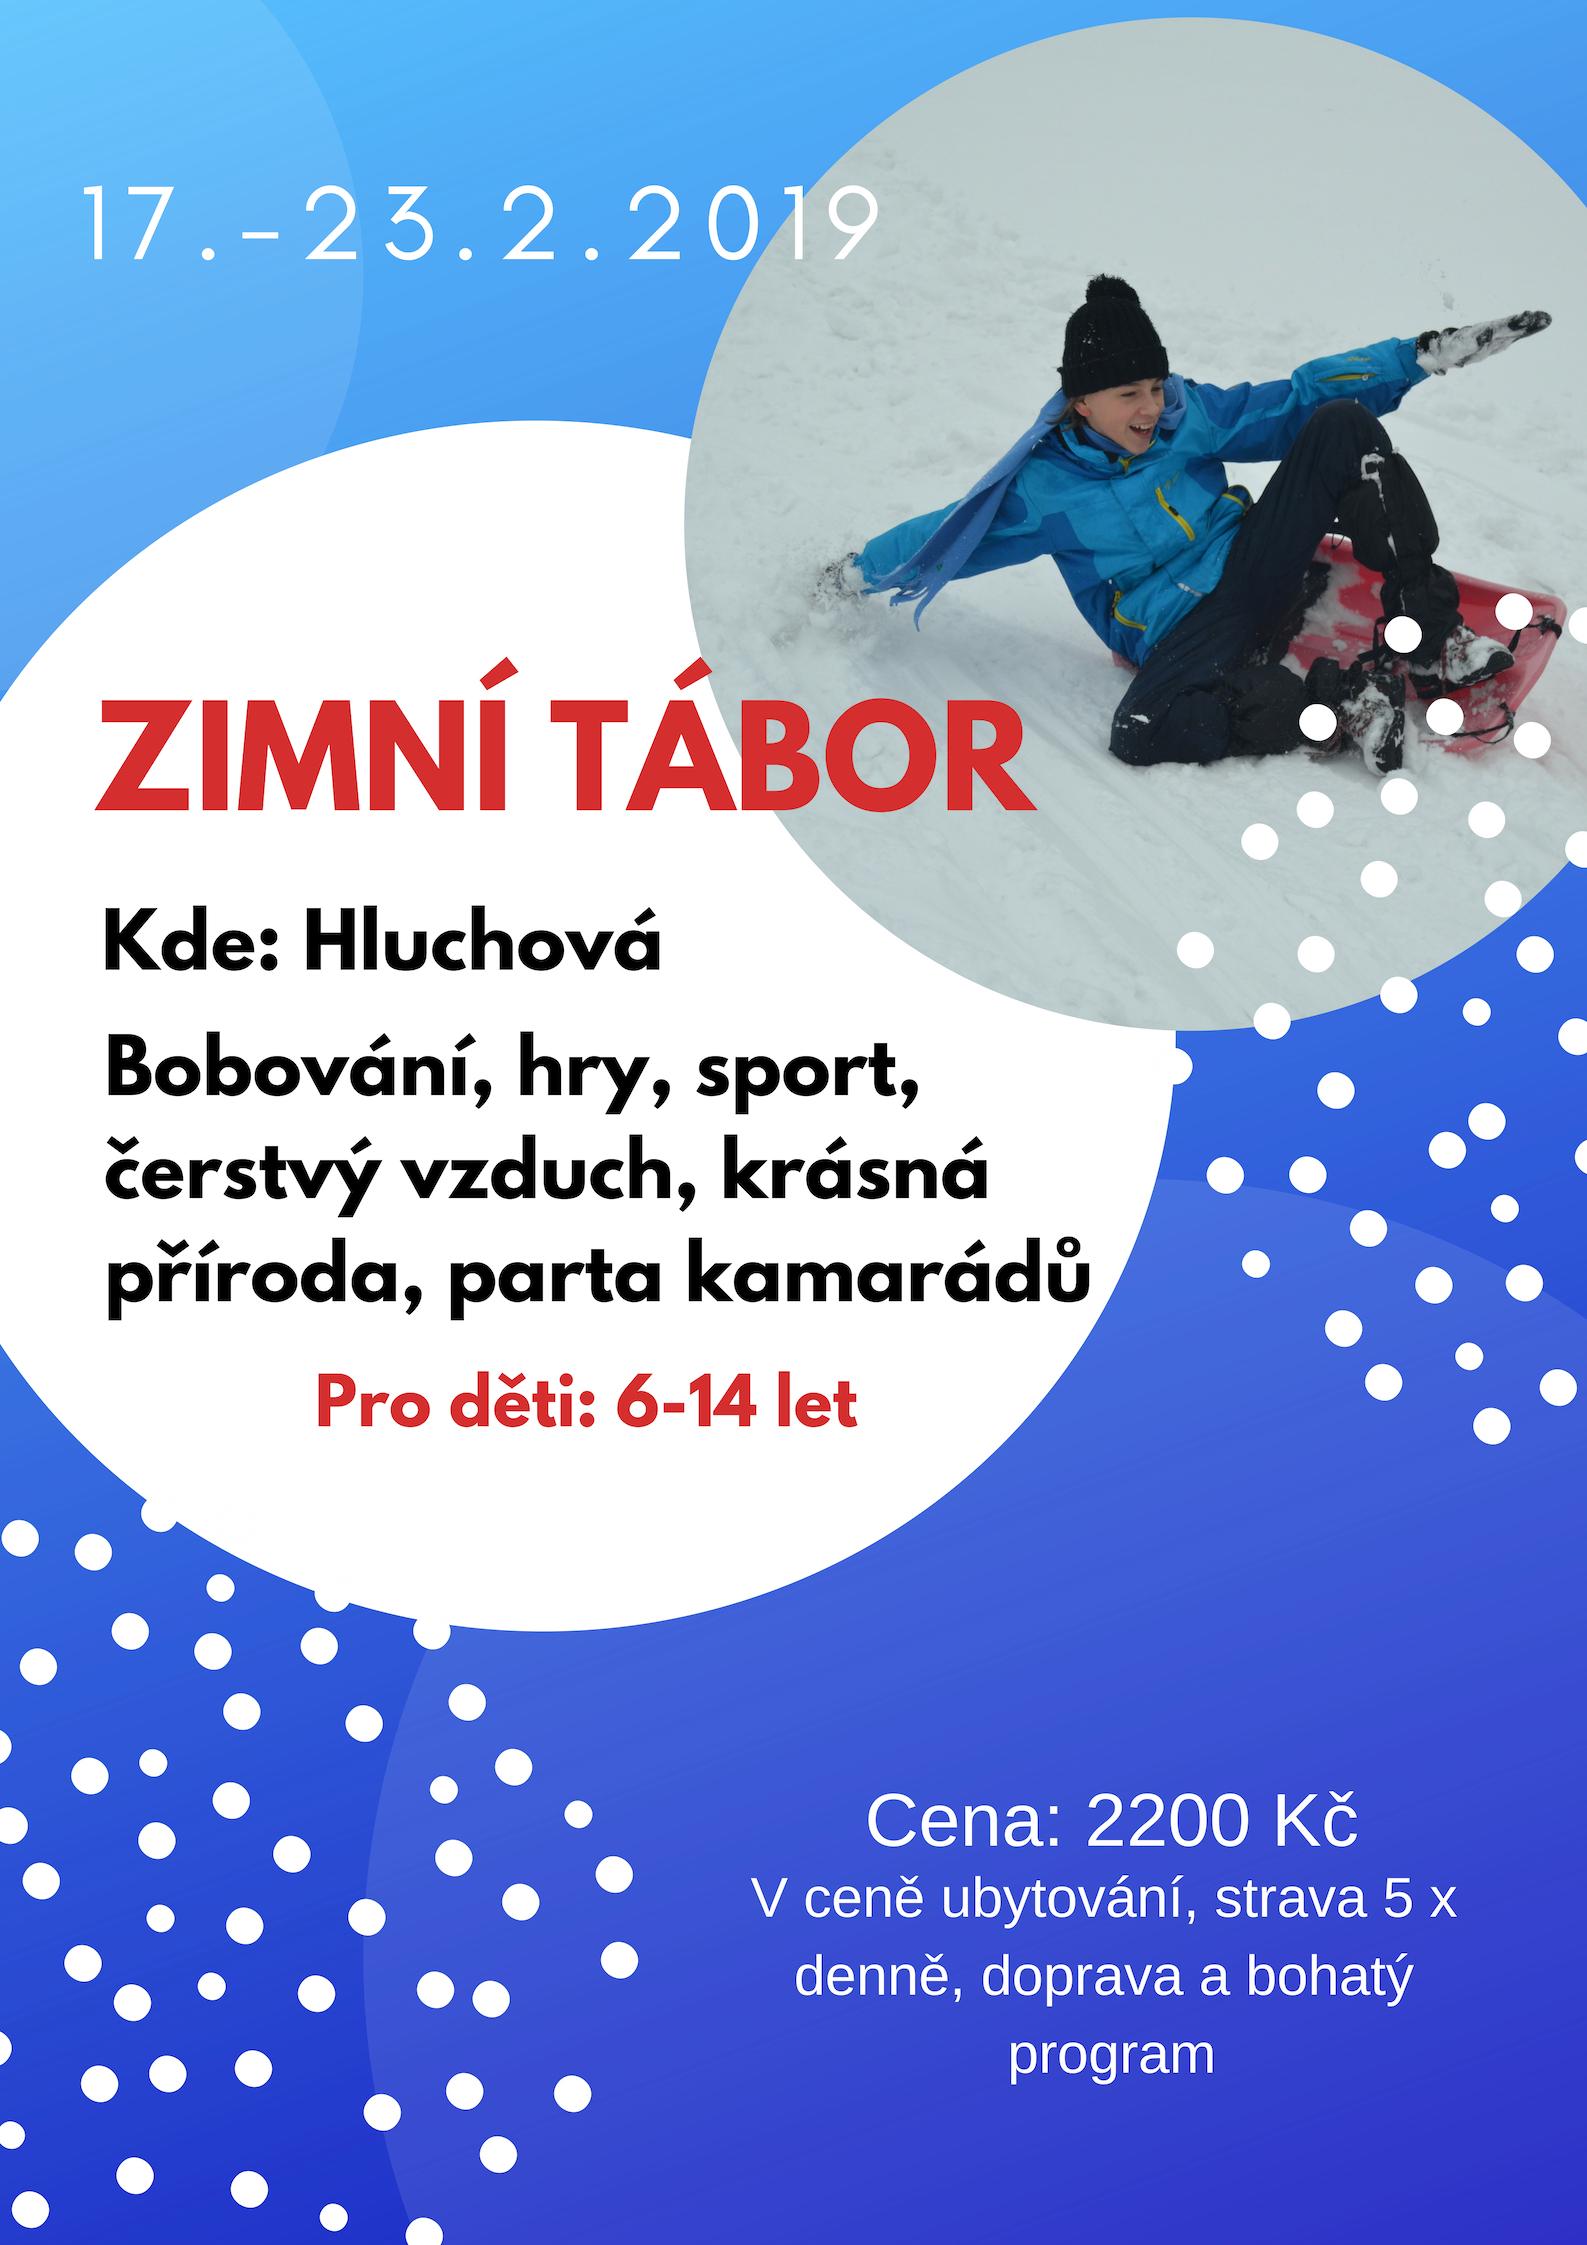 Zimní tábor 17-23.2.2019